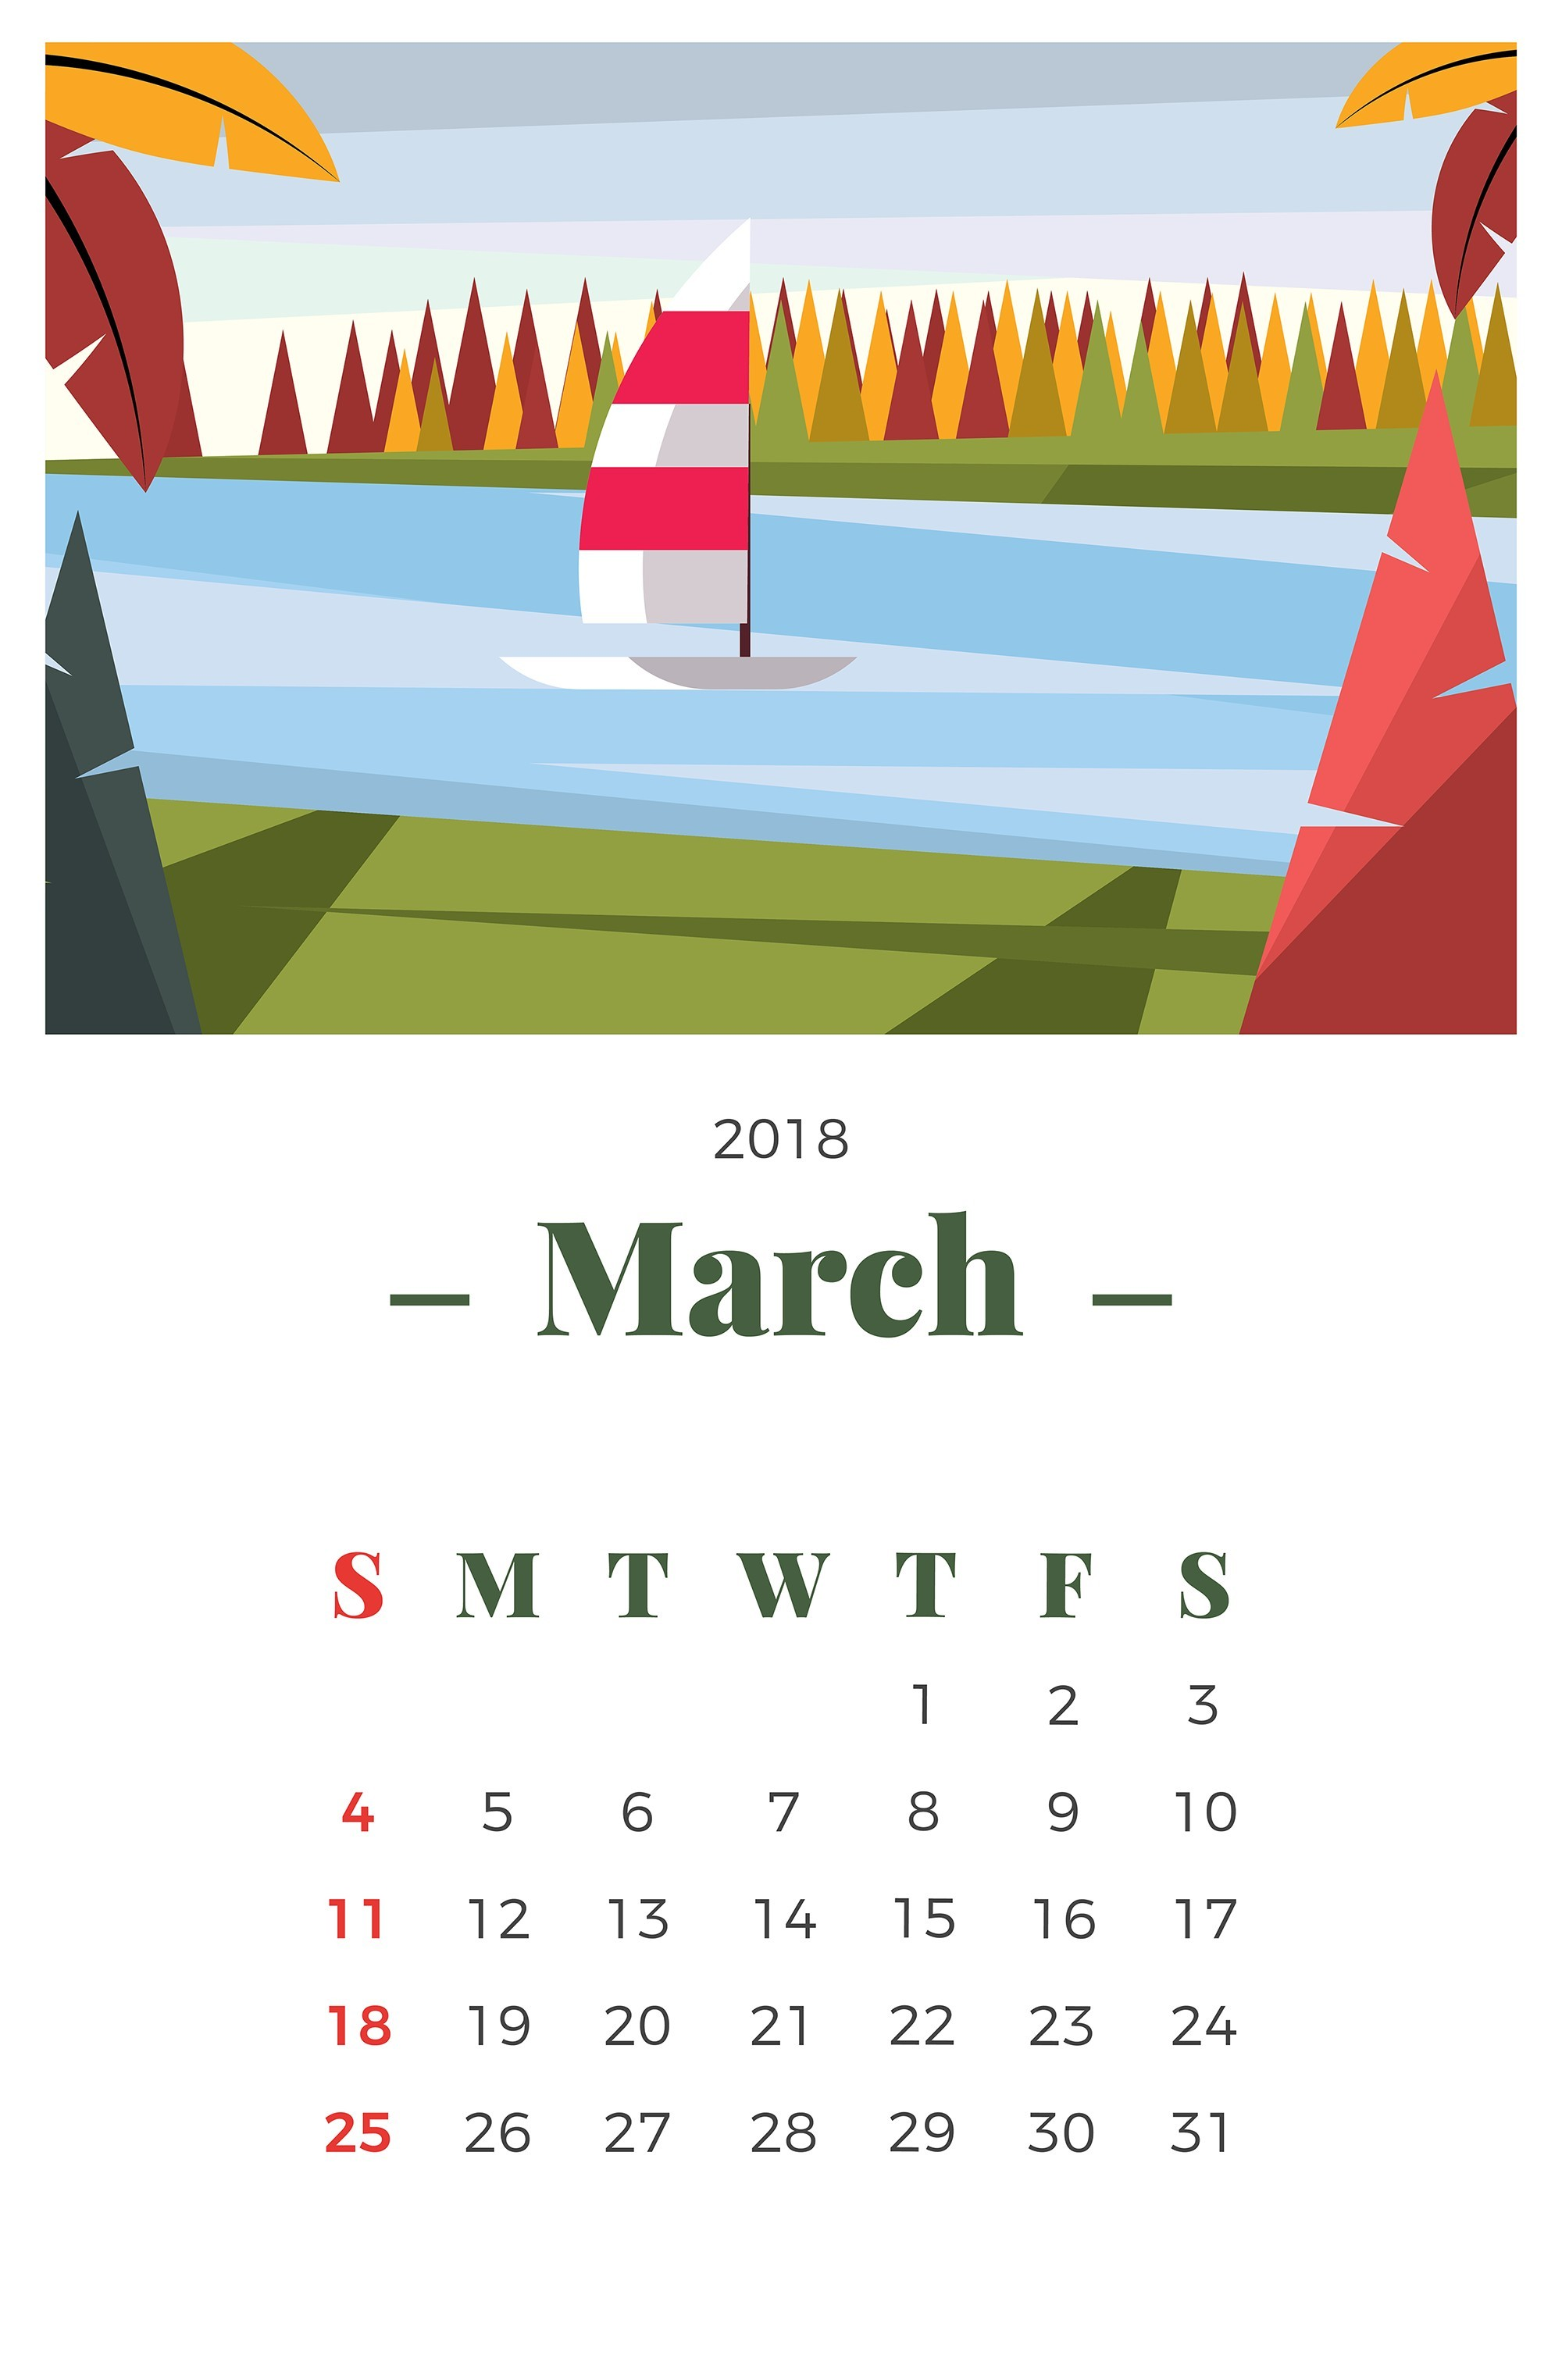 Calendario de paisaje de marzo de 2018 Descargue Gráficos y Vectores Gratis